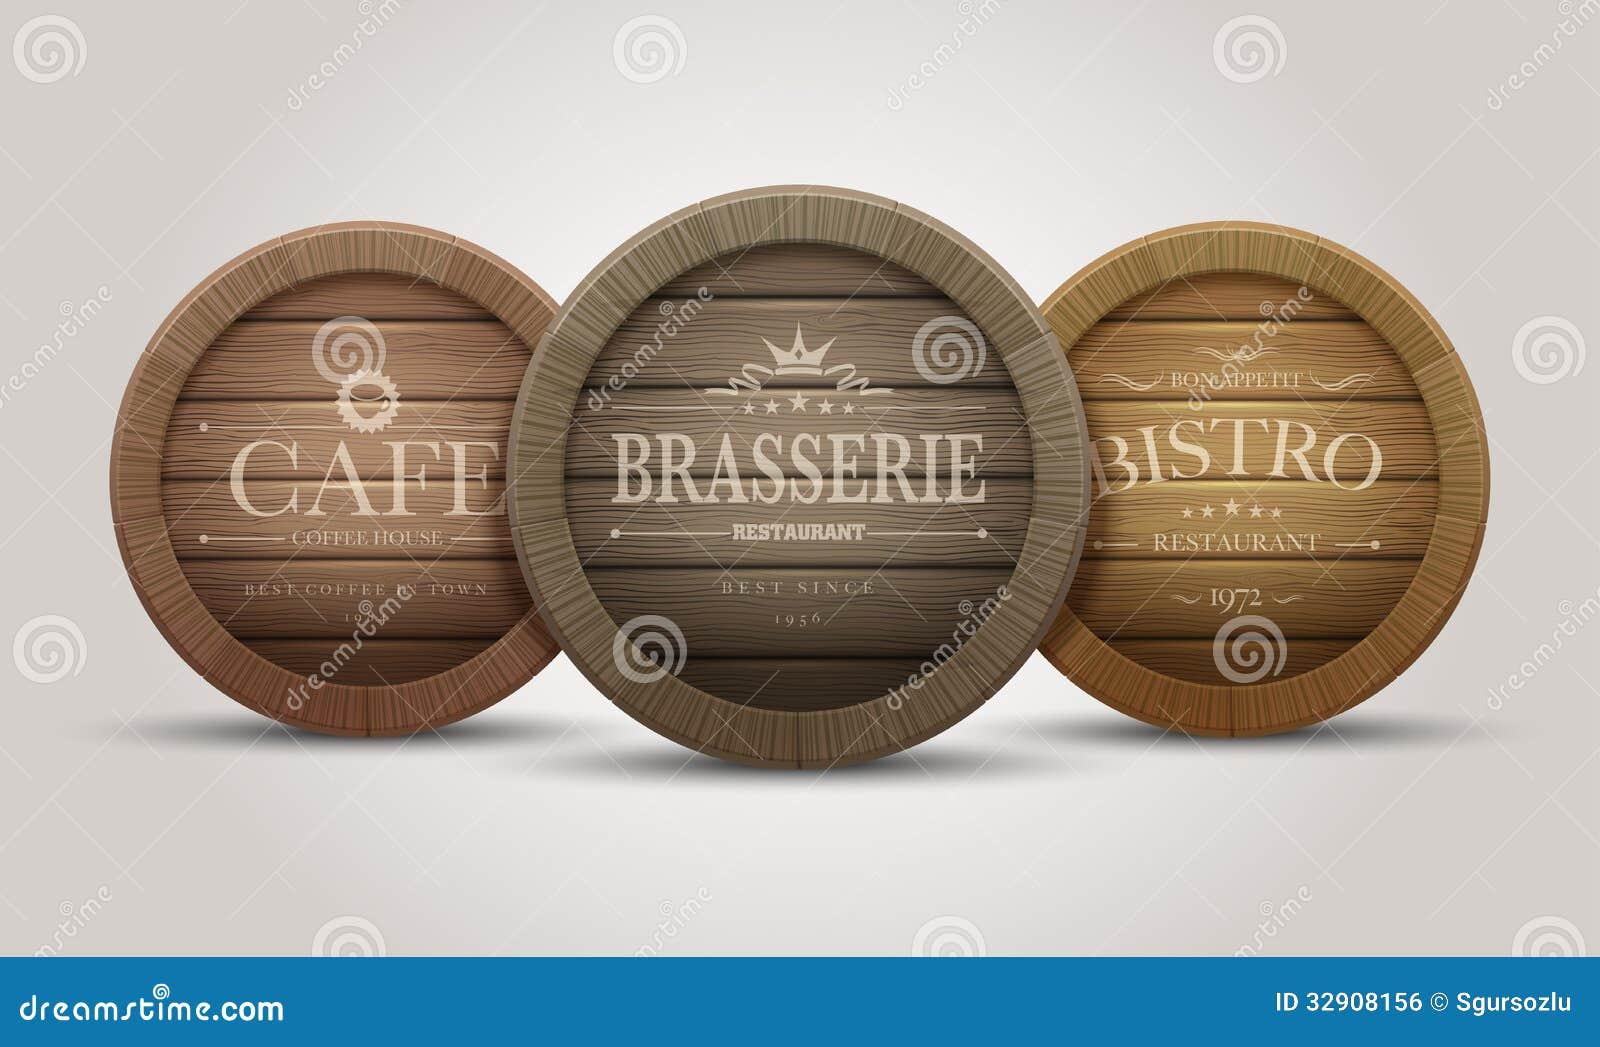 Insegne Negozi In Legno : Insegne di legno del barilotto illustrazione vettoriale